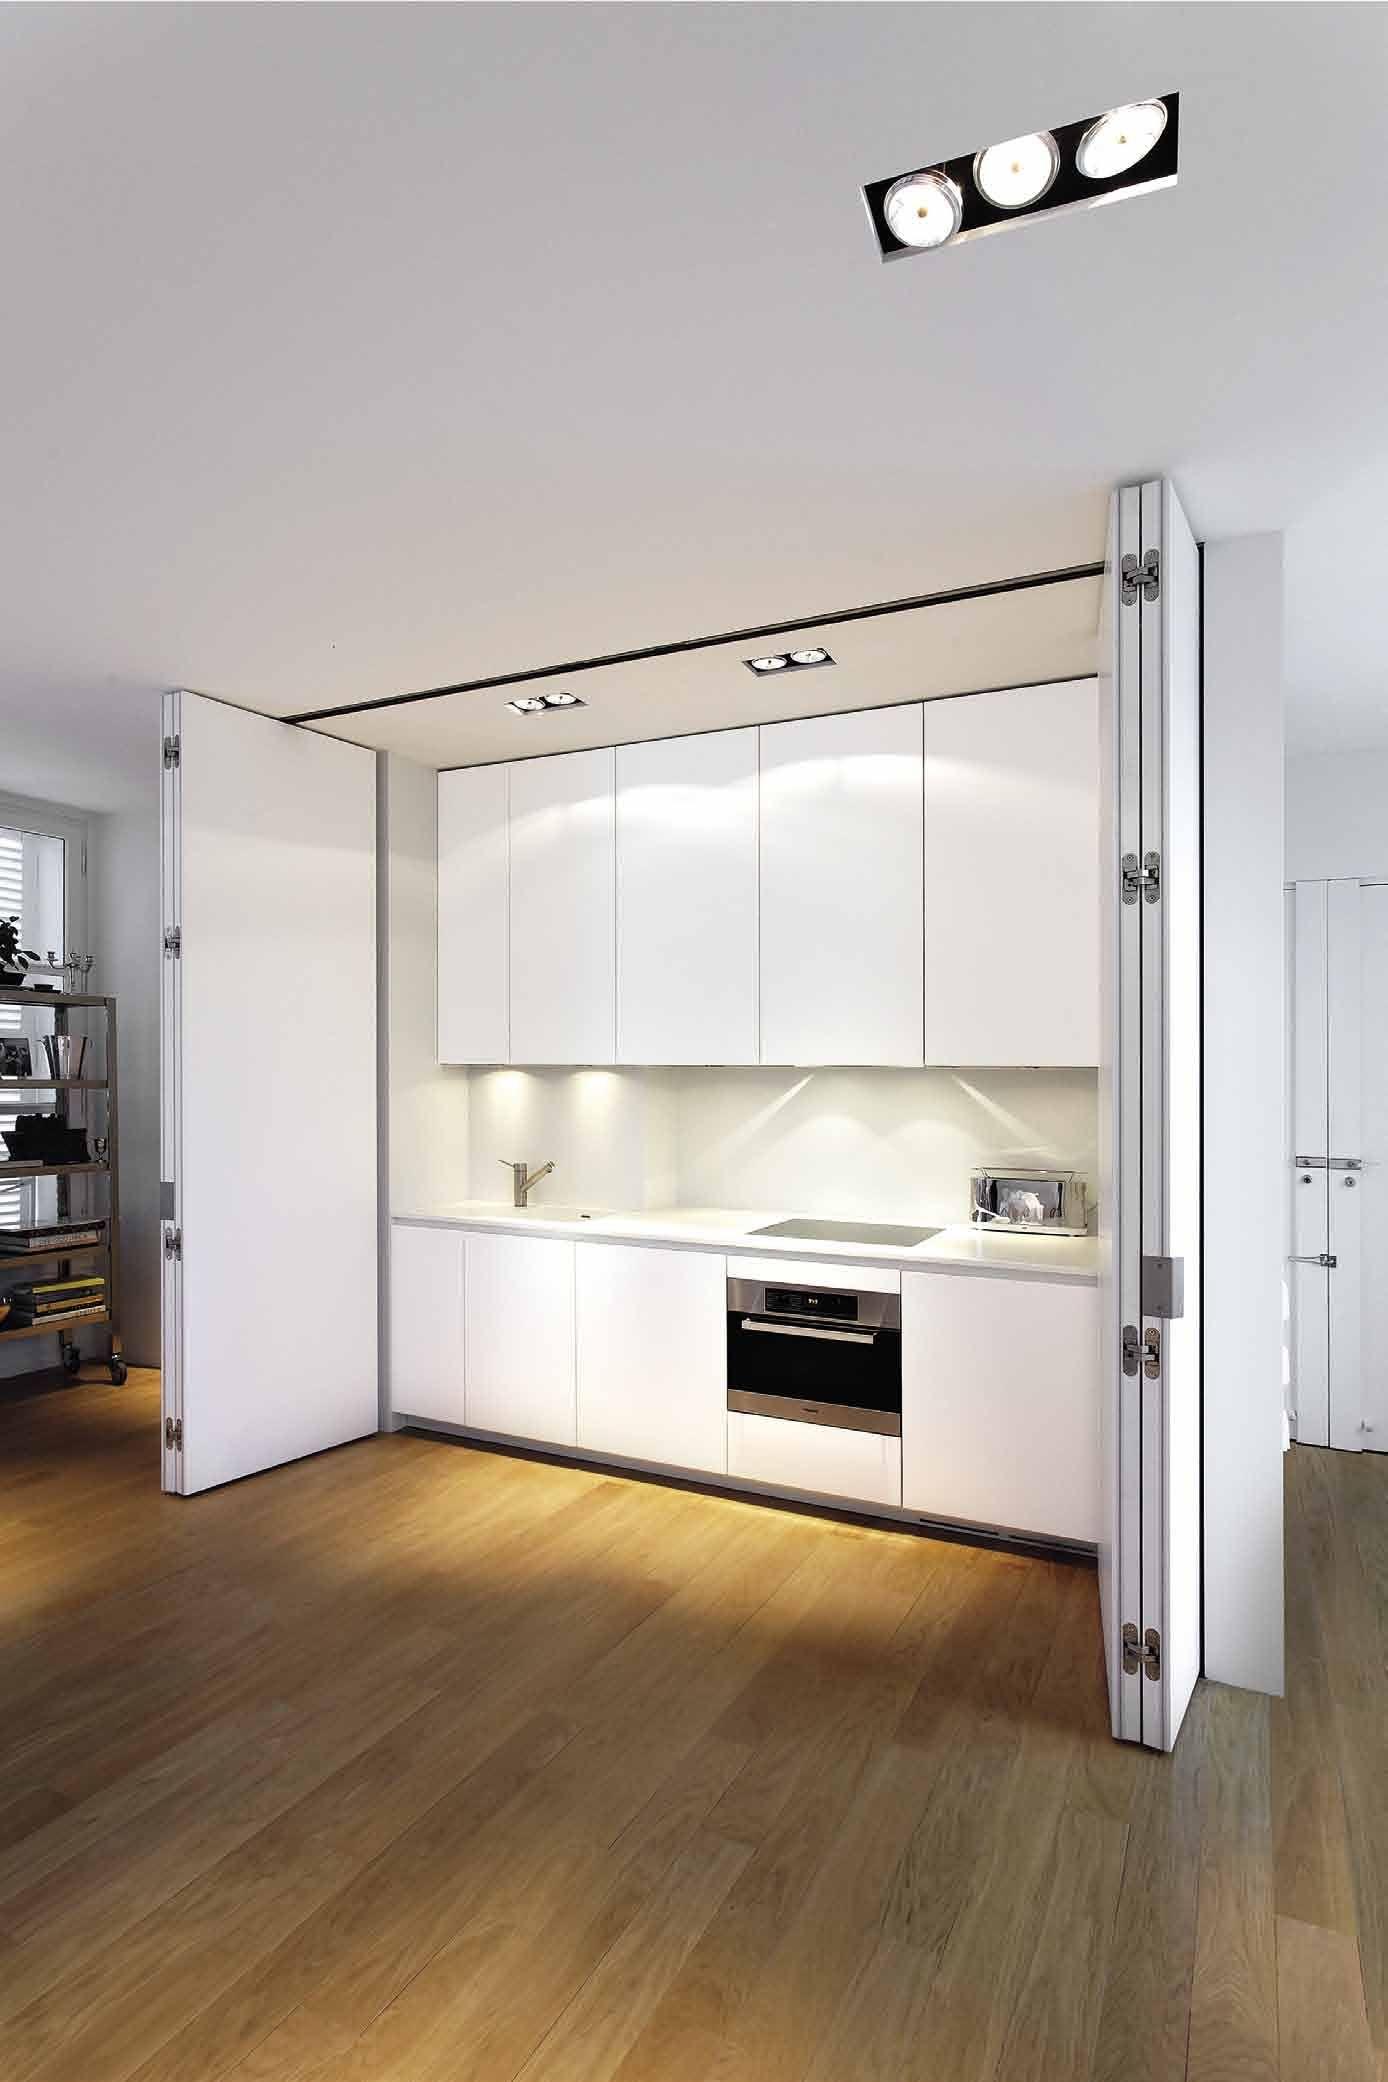 Wohnzimmer verdeckter küchen versteckten küchen weiß küchen küchen moderne galeere küchen küche türen küchentüren